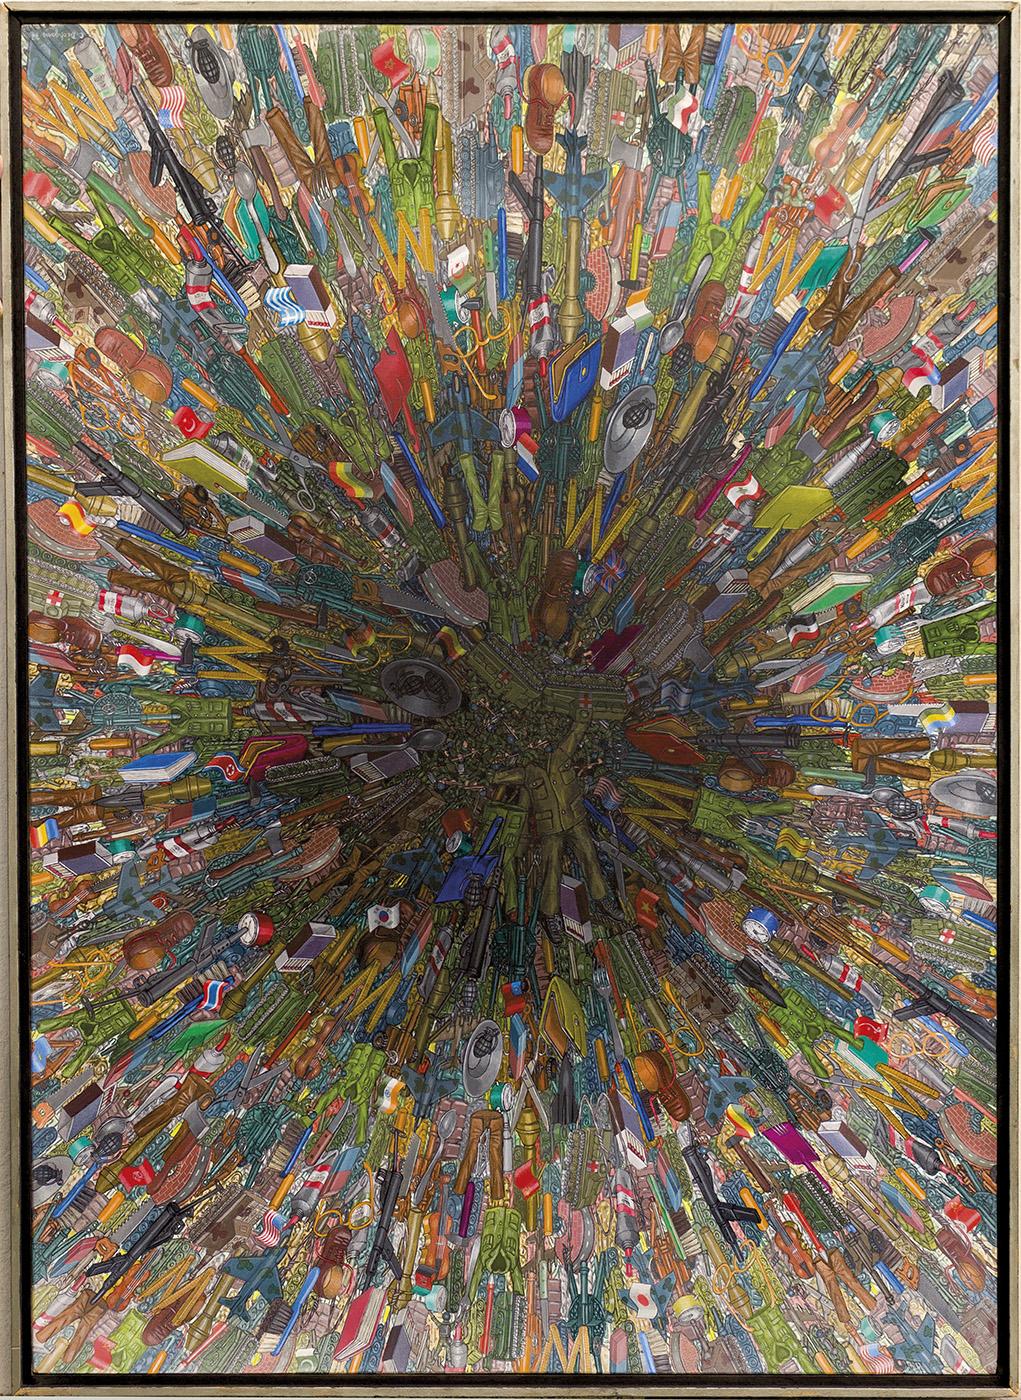 Prozess - 1977, 140 x 100 cm, Aquatec / Lw